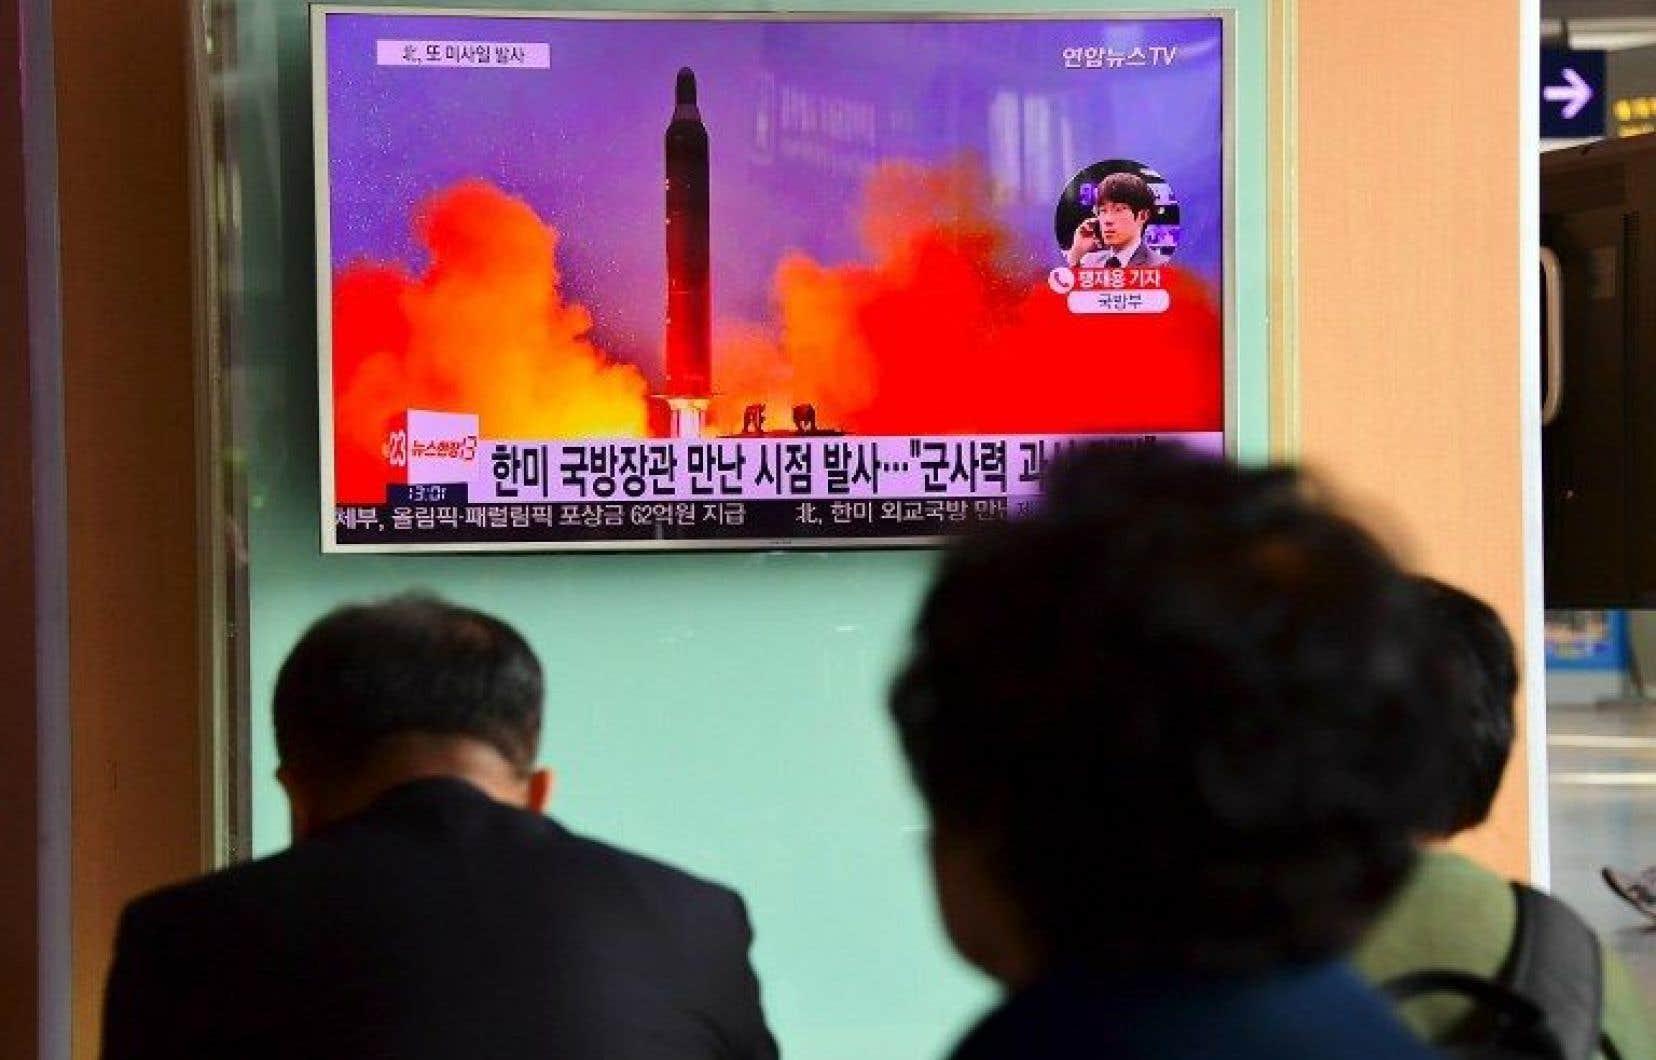 Le missile a parcouru environ 500 kilomètres puis est tombé dans la mer.